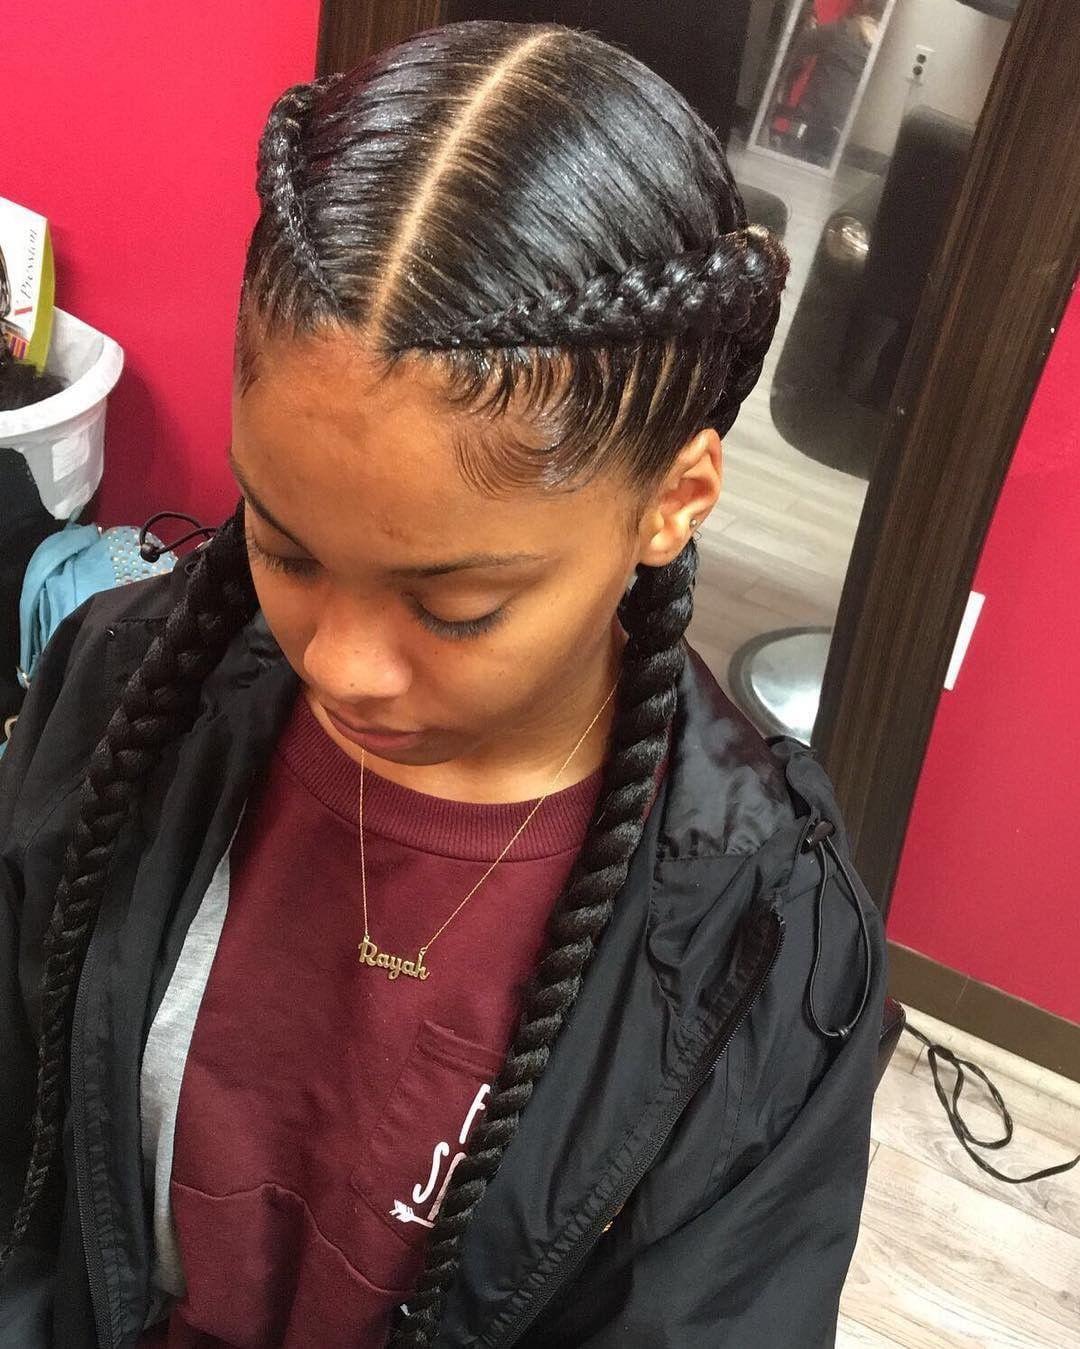 Tbt To These Crisp Braids By Milwaukee Braider Amber Belovely Voiceofhair Voiceofhair Com Goddess Braids Hairstyles Hair Styles Sleek Braid